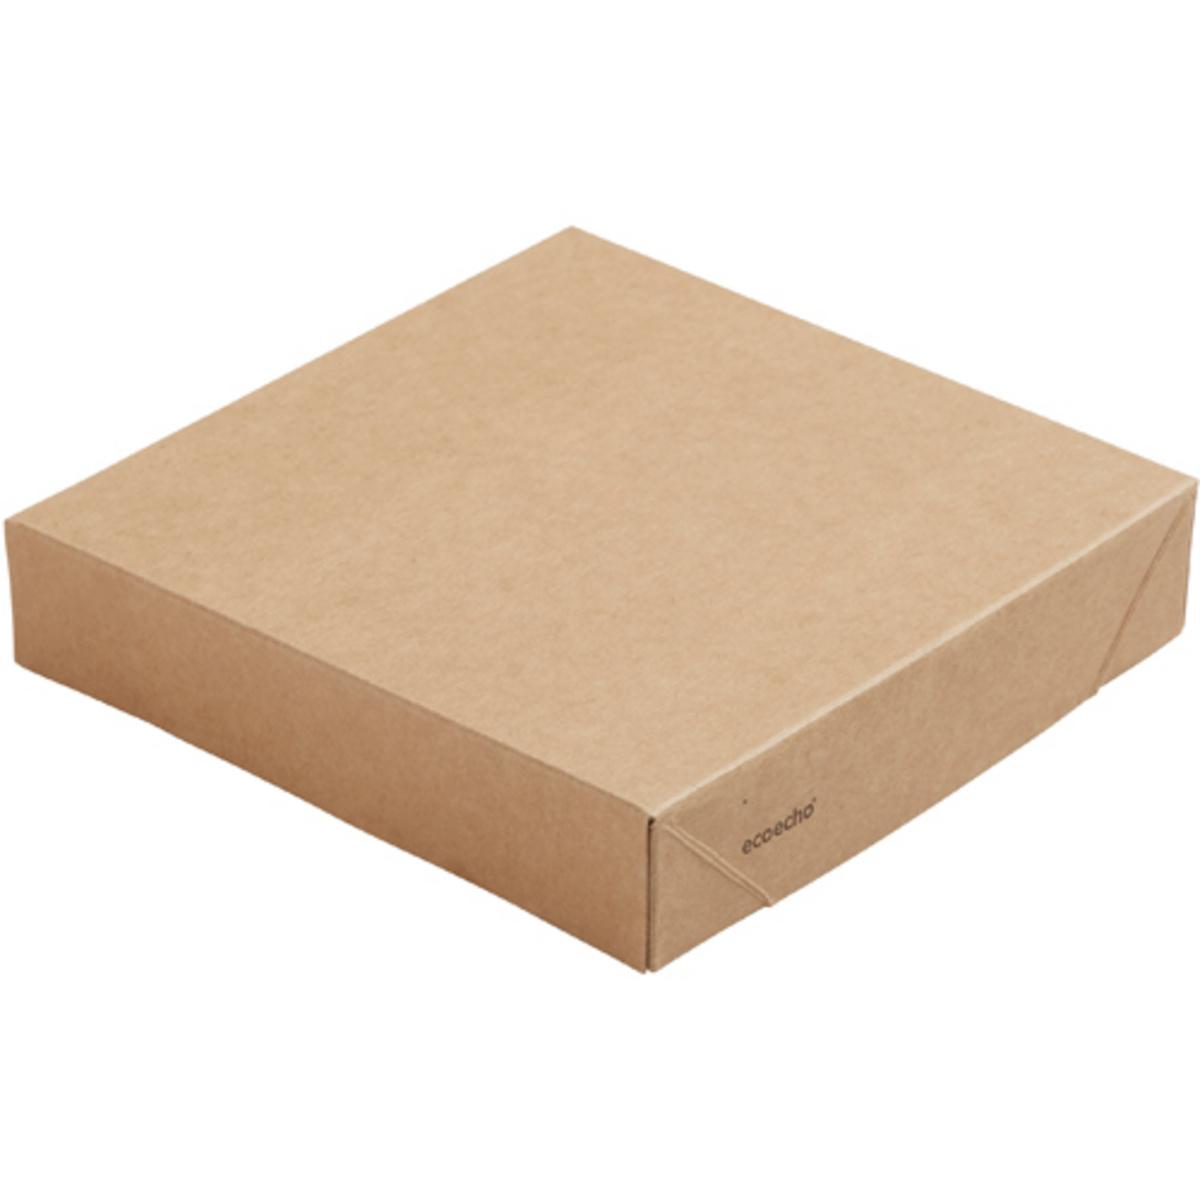 Couvercle pour boîte 120 cl rectangulaire 14x14 cm Viking Duni (300 pièces)